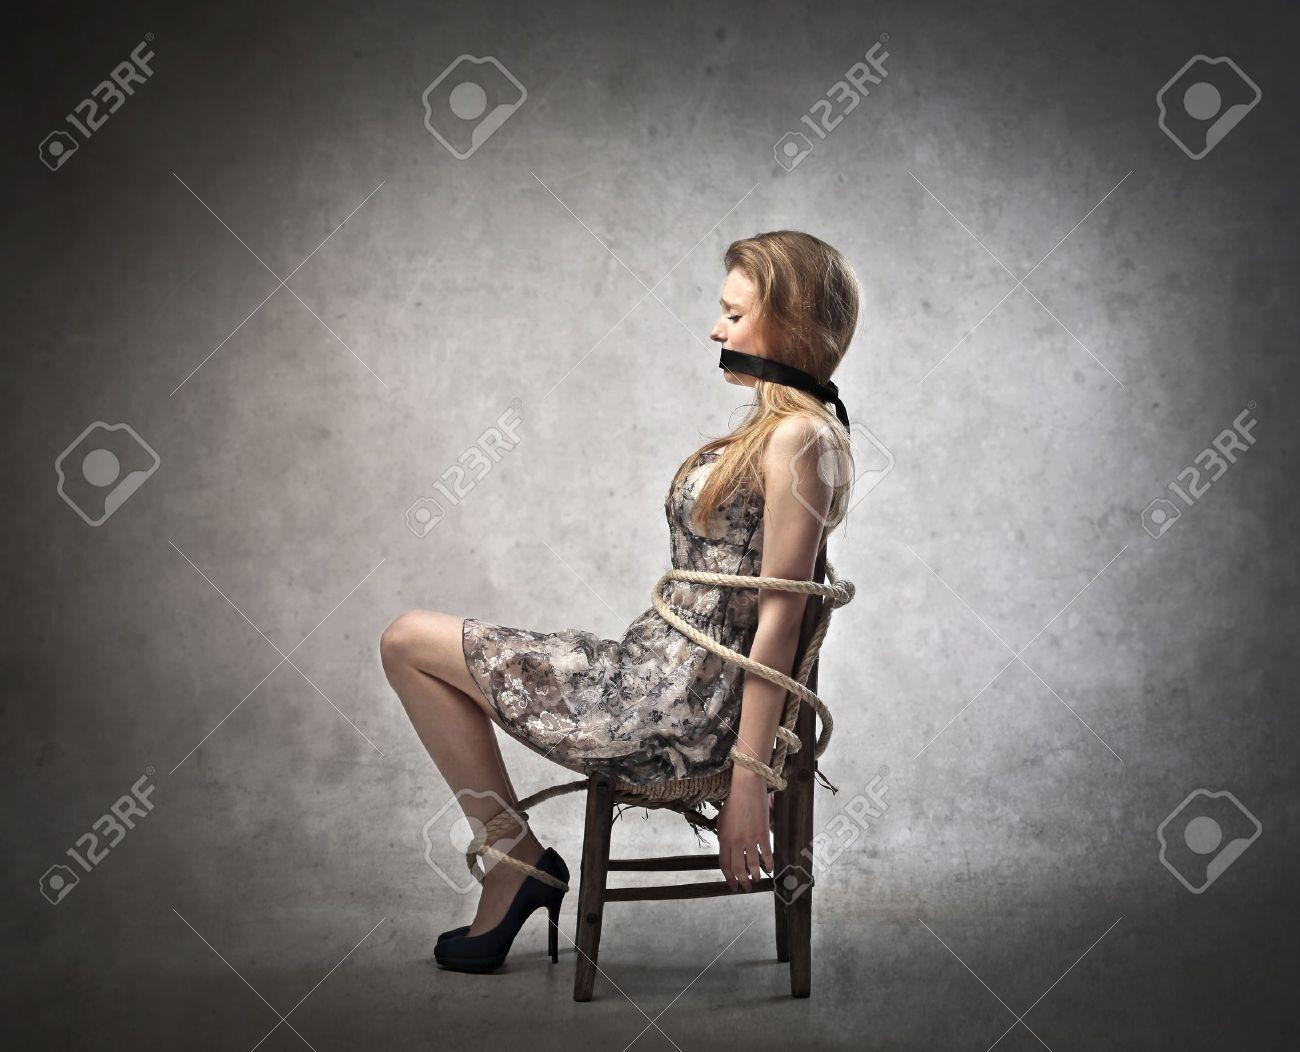 Привязанные к стулу девушки 12 фотография